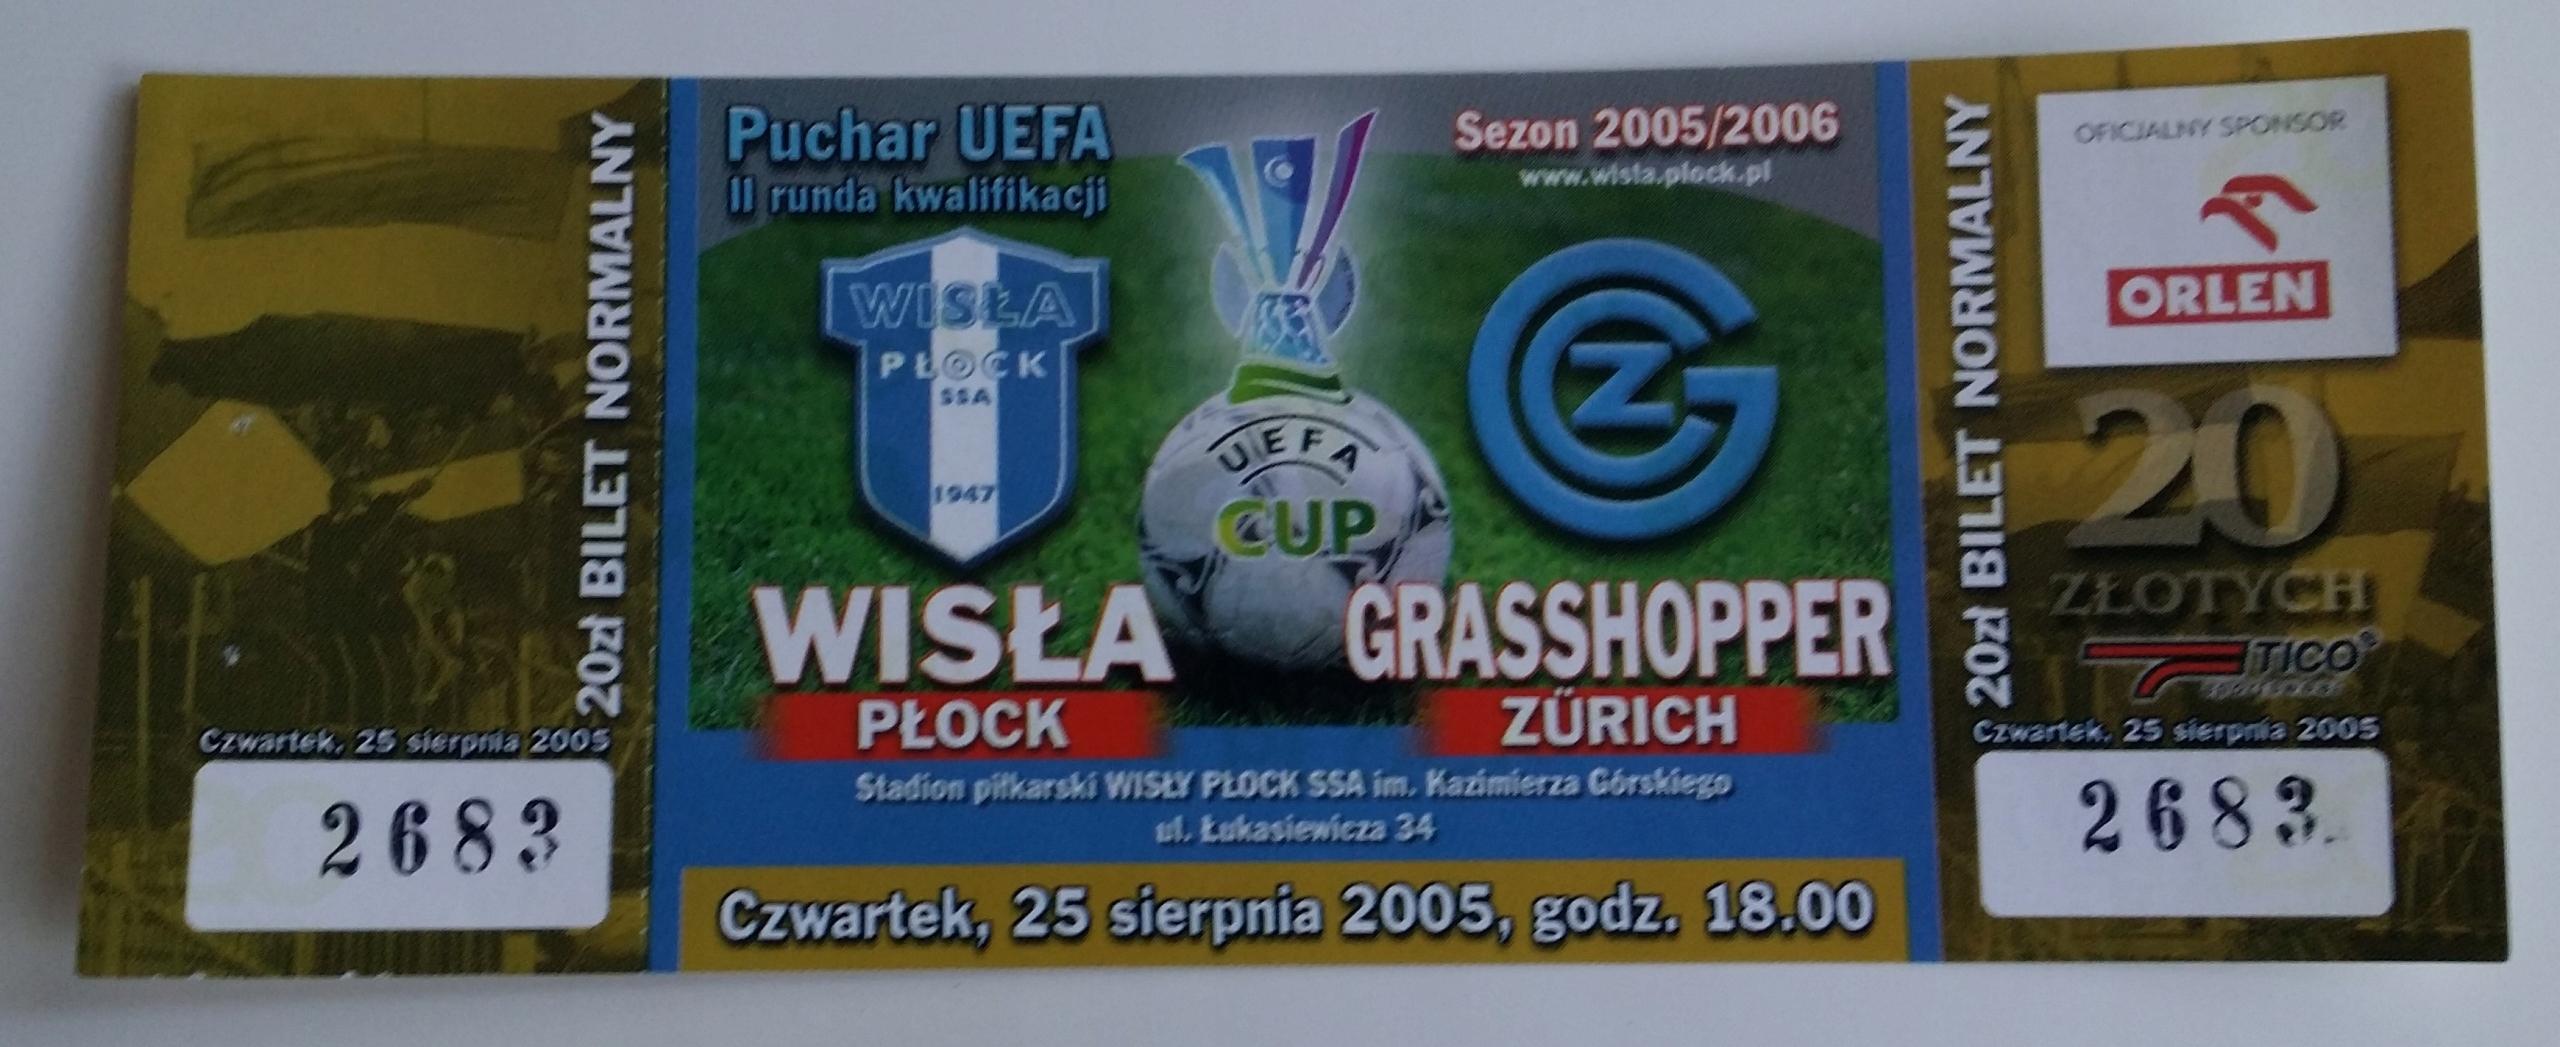 Bilet Wisła Płock - Grasshopper Zurich 25.08.2005